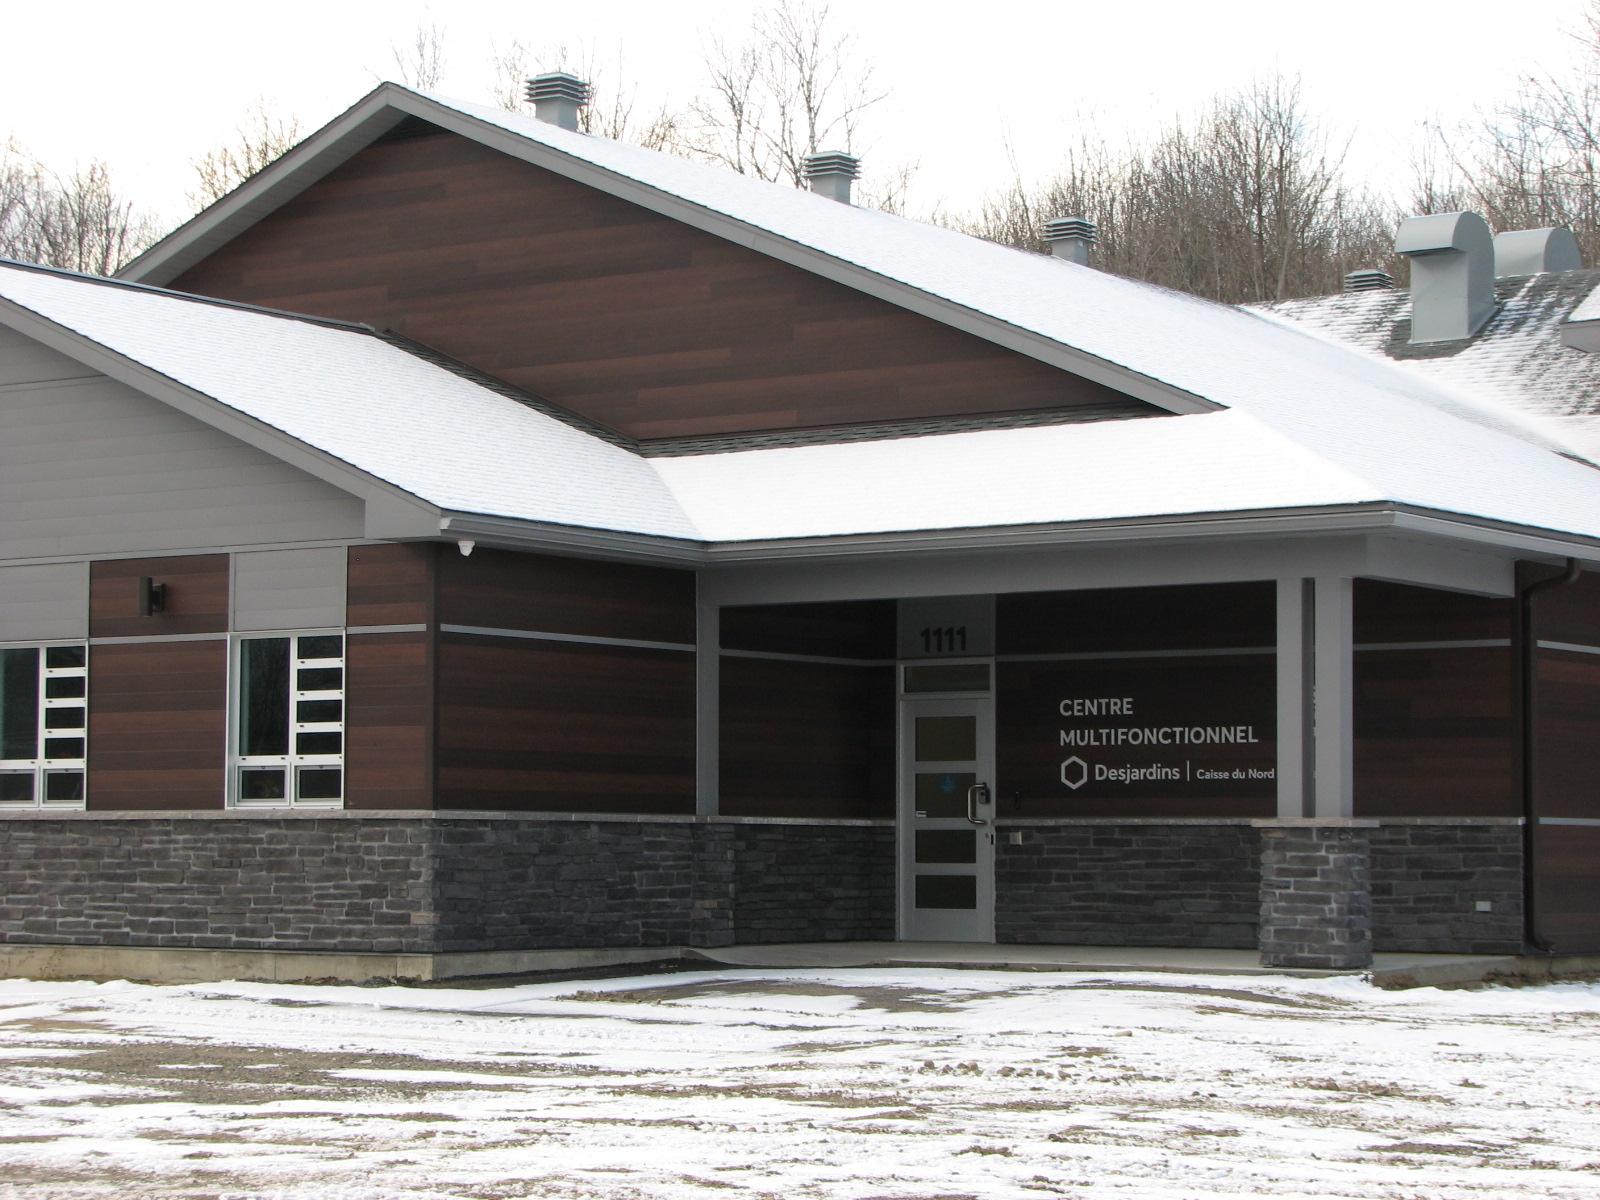 centre multifonctionnel